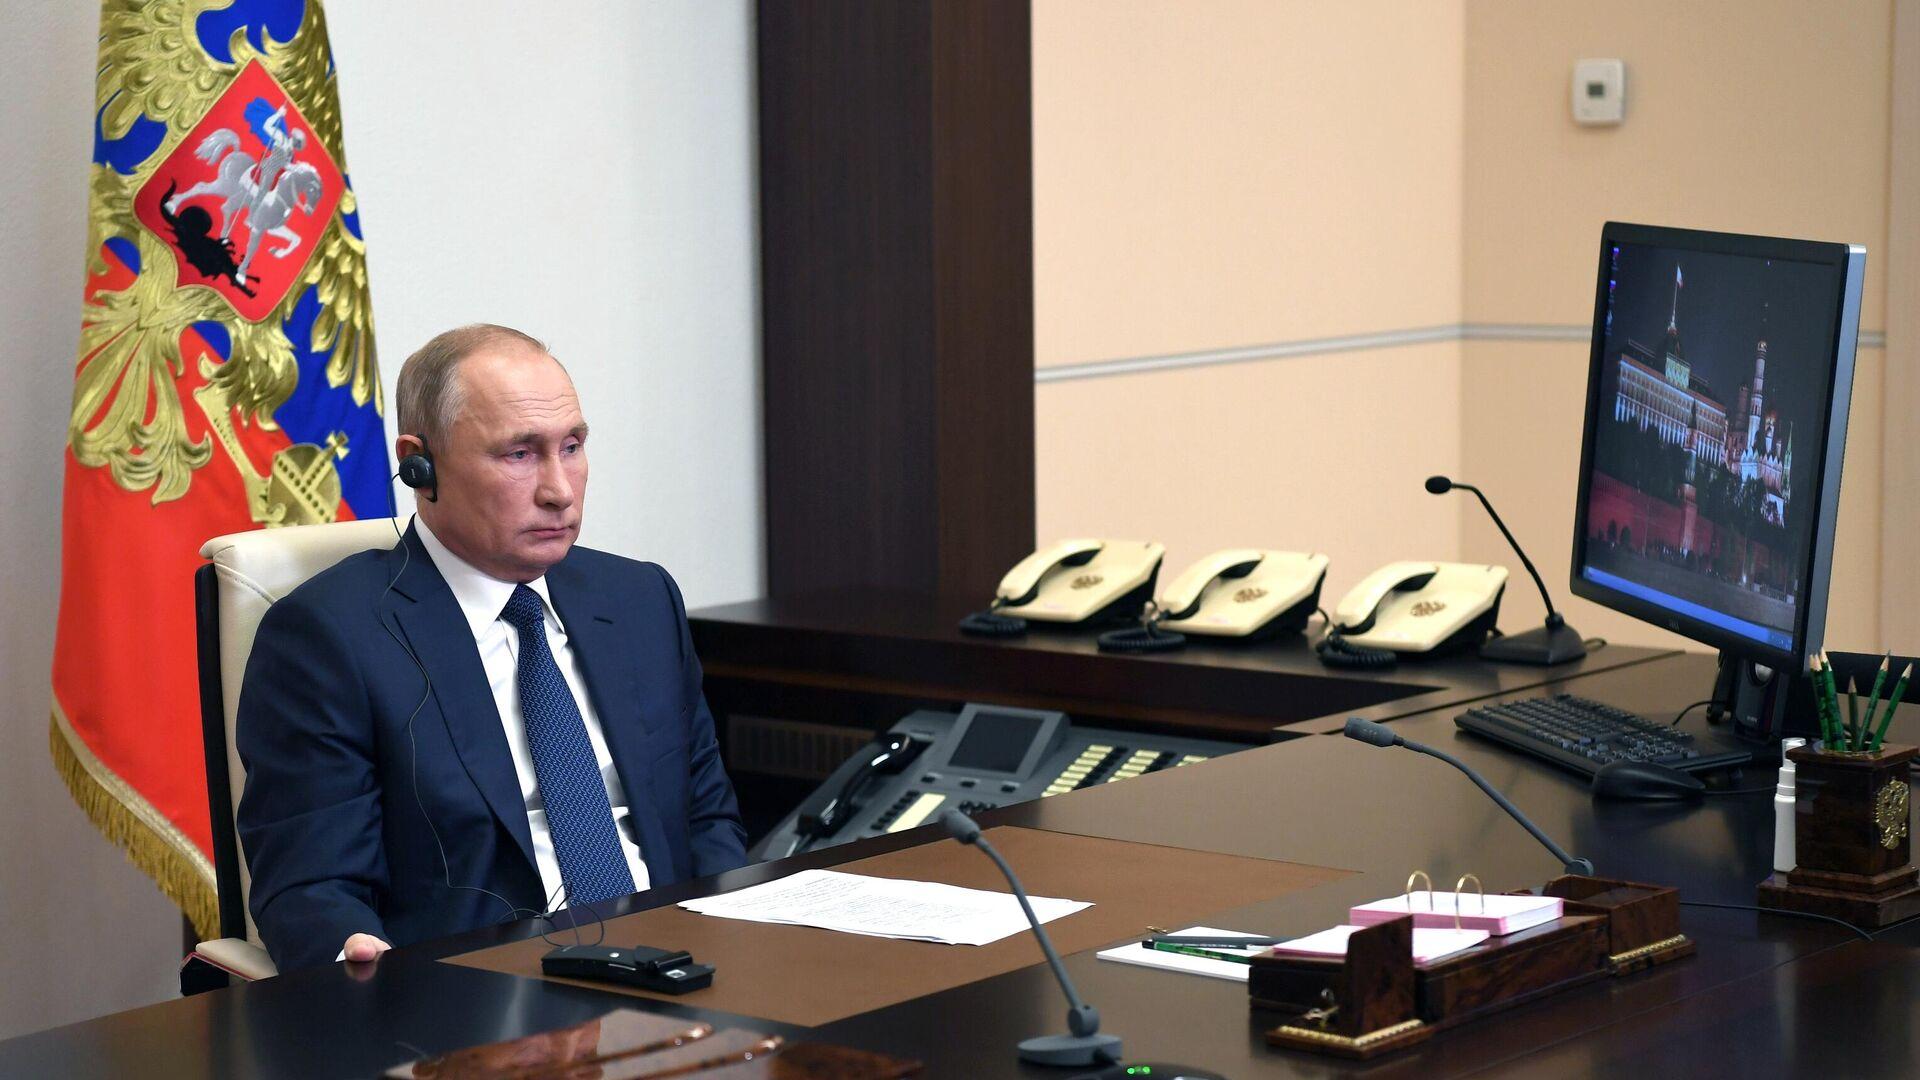 Президент РФ Владимир Путин во время встречи в режиме телемоста с президентом Сирии Башаром Асадом - РИА Новости, 1920, 15.09.2021